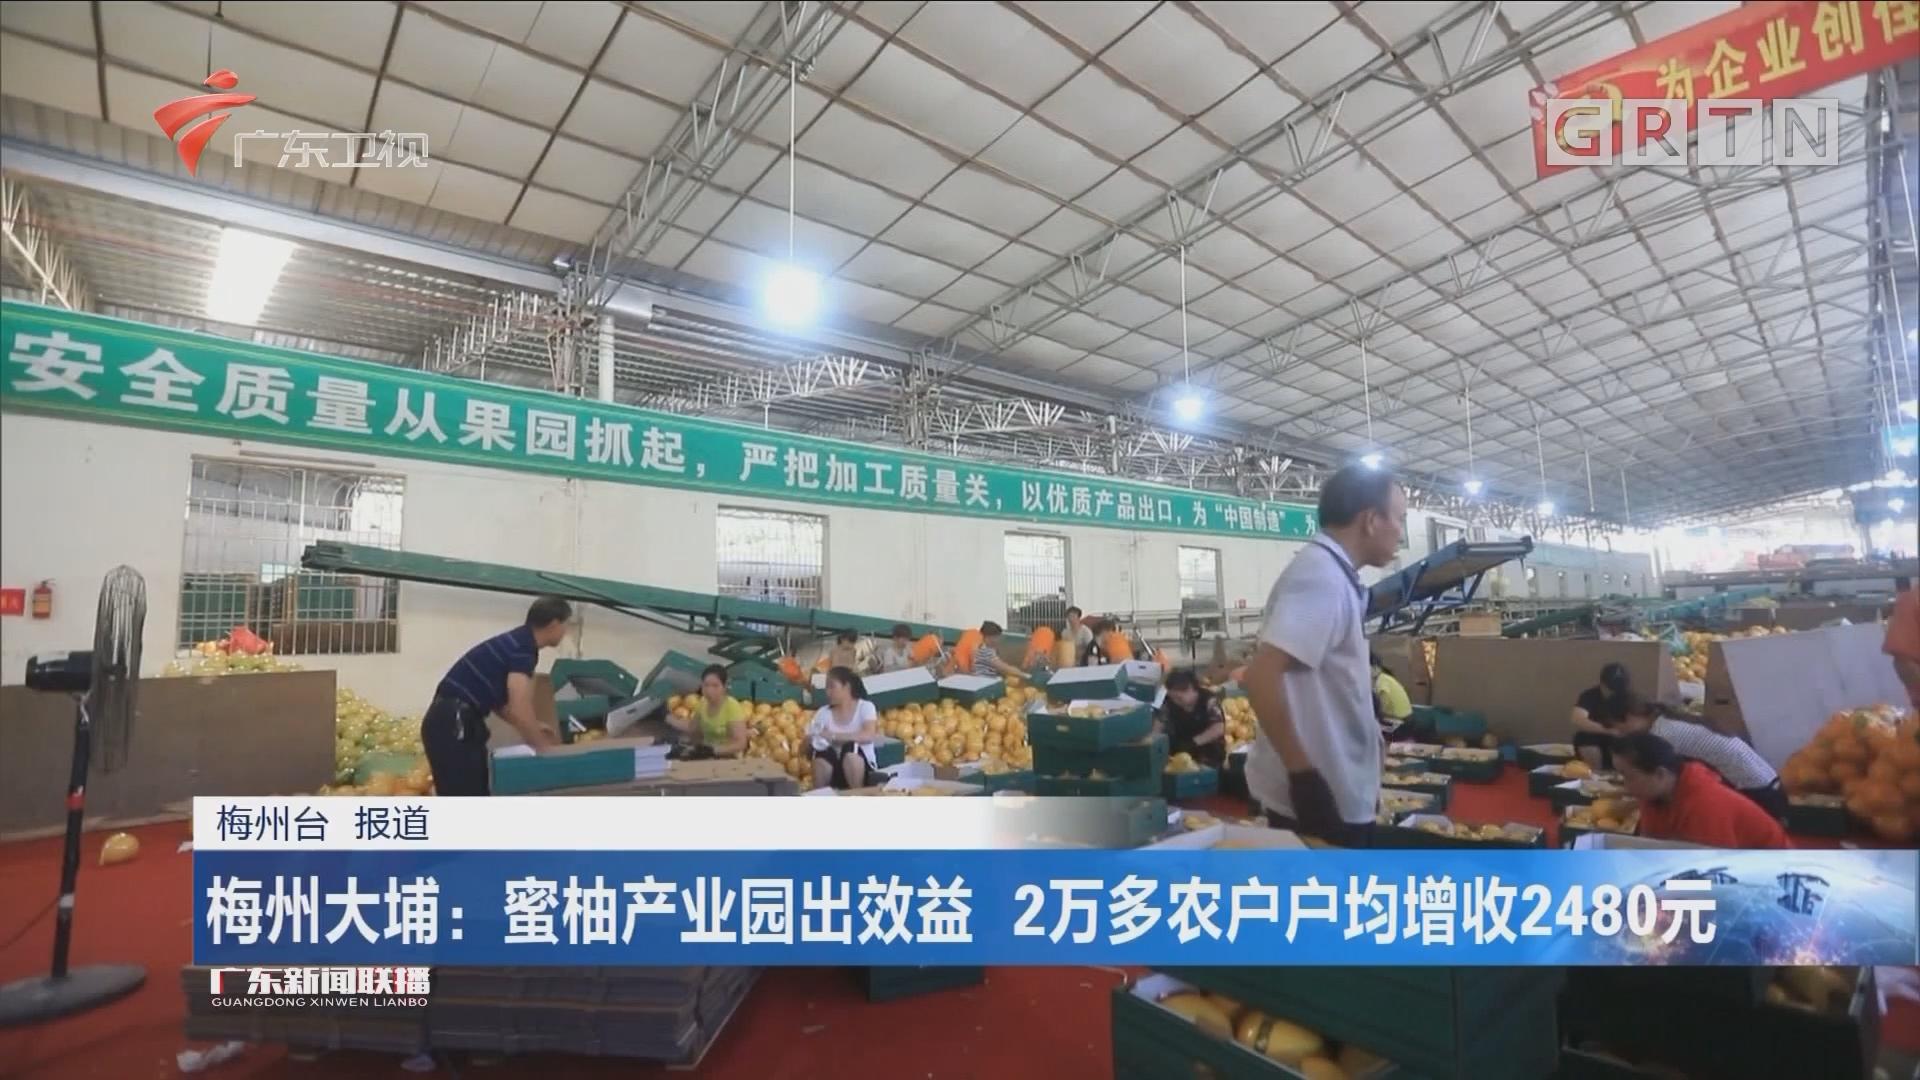 梅州大埔:蜜柚产业园出效益 2万多农户户均增收2480元